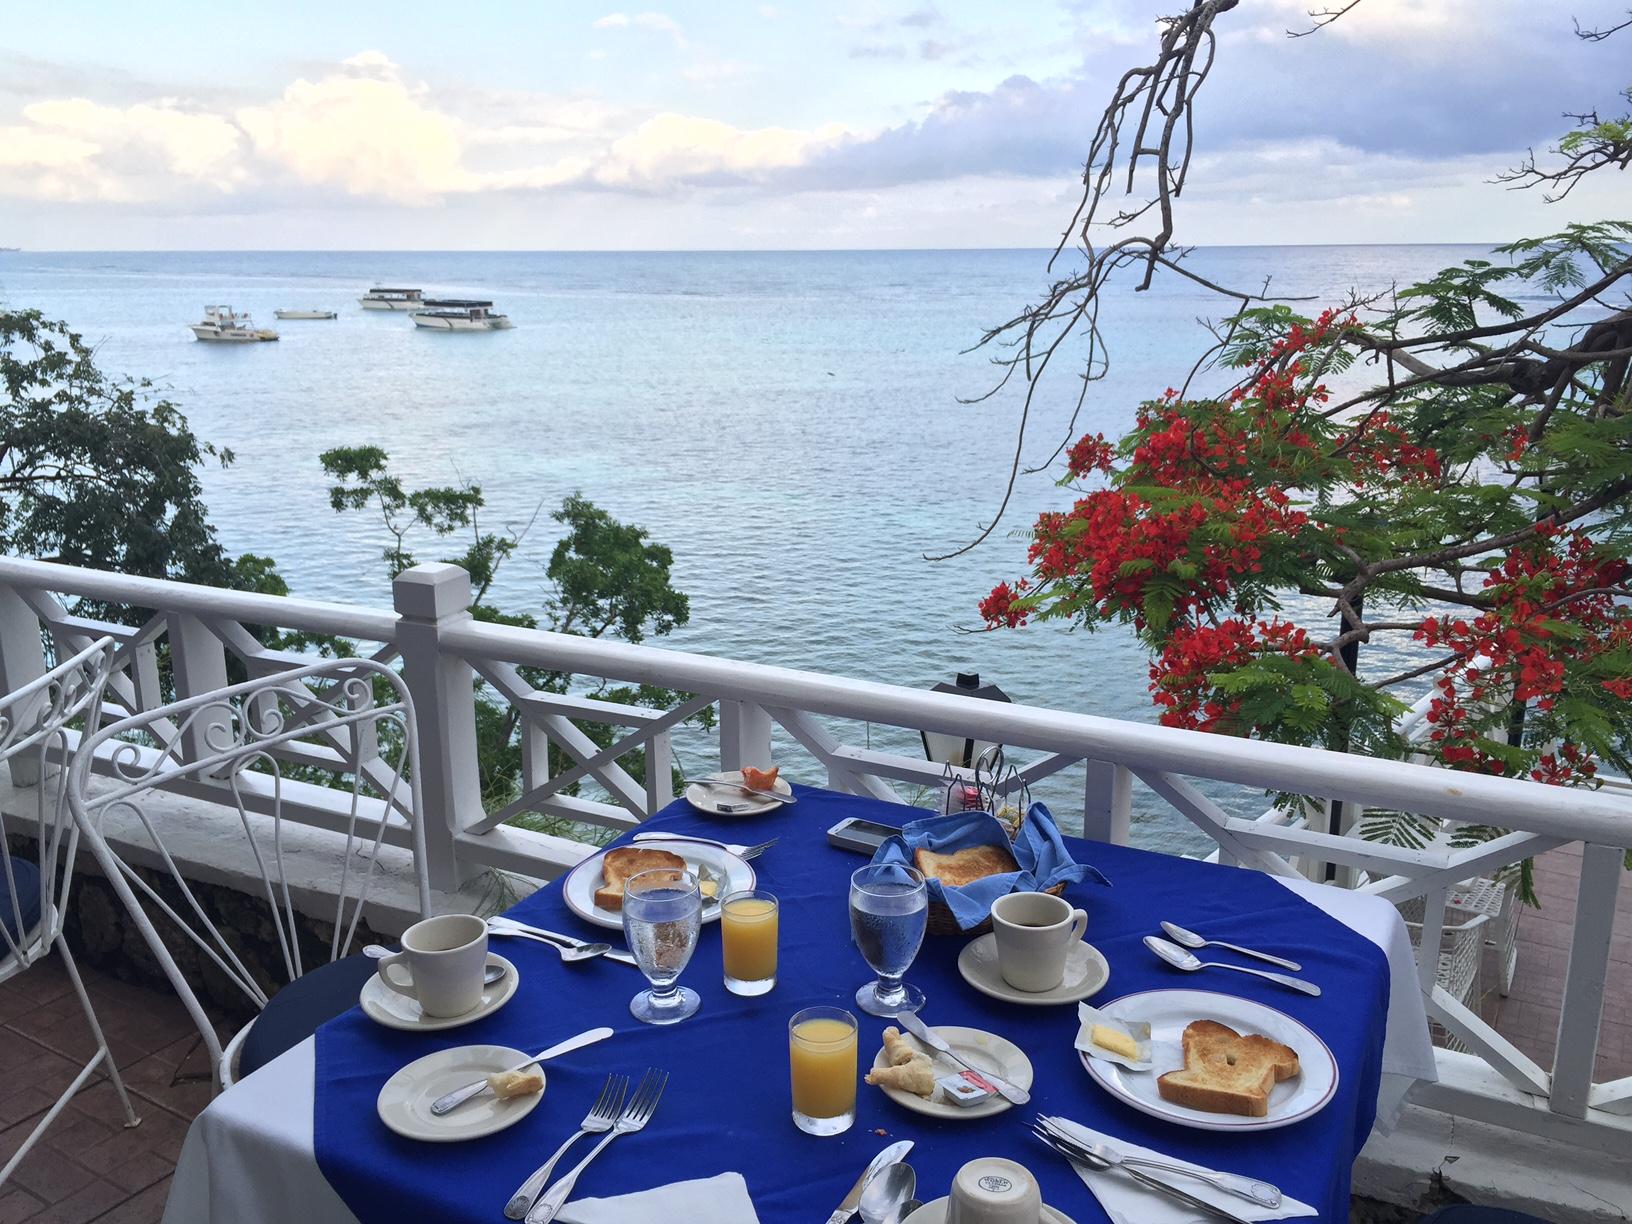 Café da manhã no Hibiscus Lodge - Ocho Rios - Jamaica